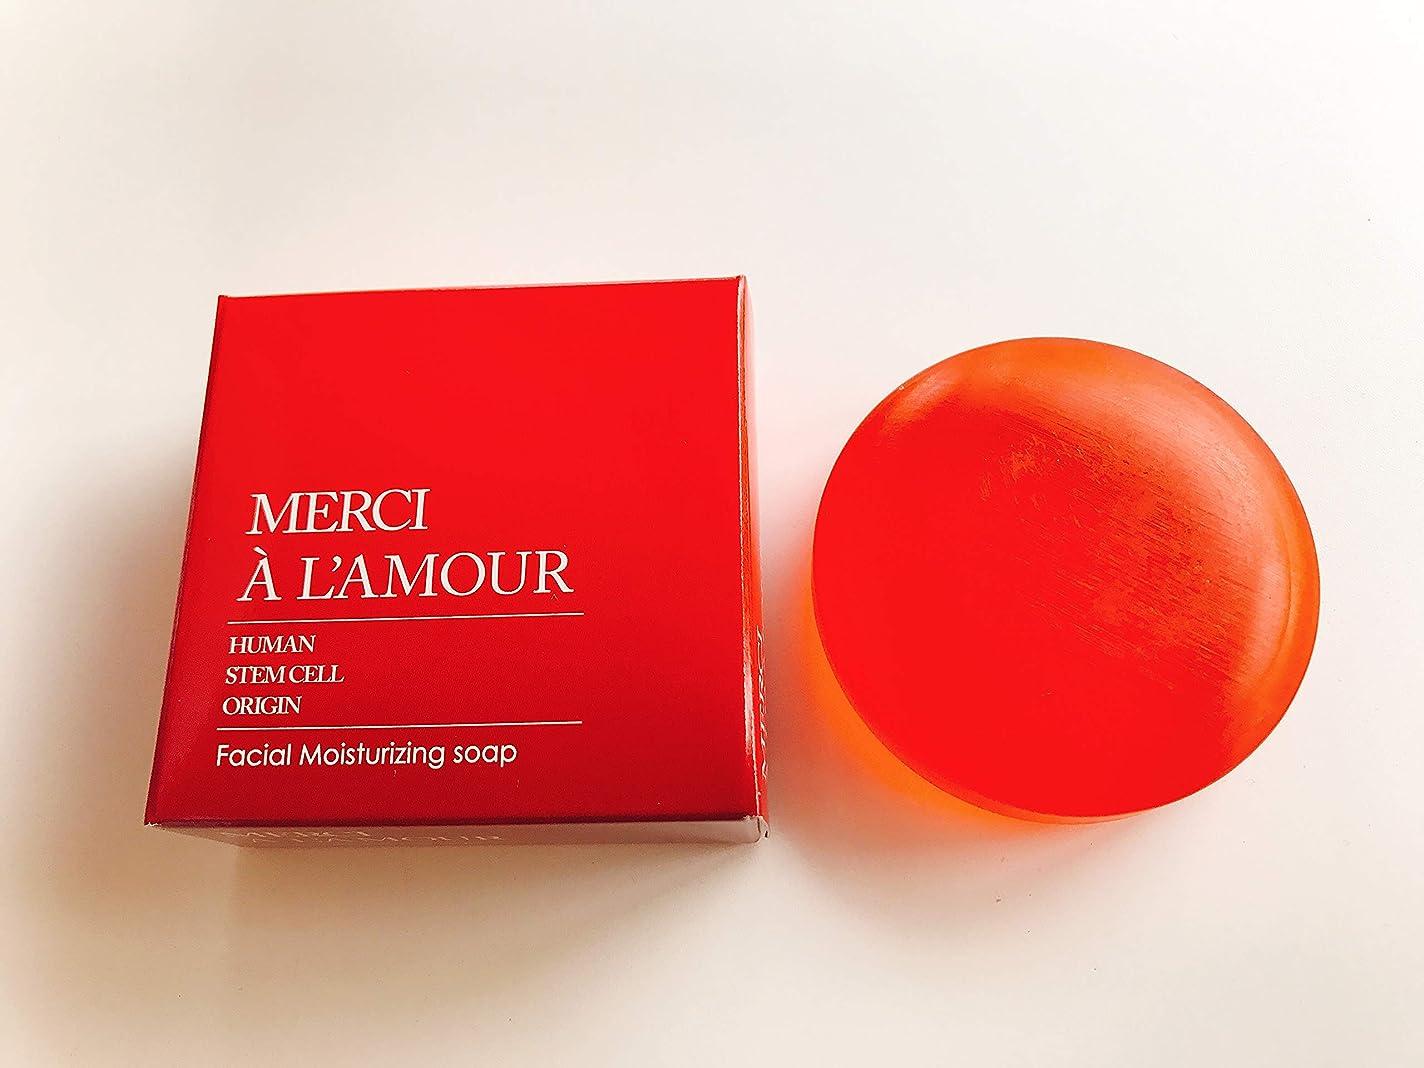 儀式ホット形状メルシアラムールソープ 高濃度ヒト幹細胞培養液配合 80g